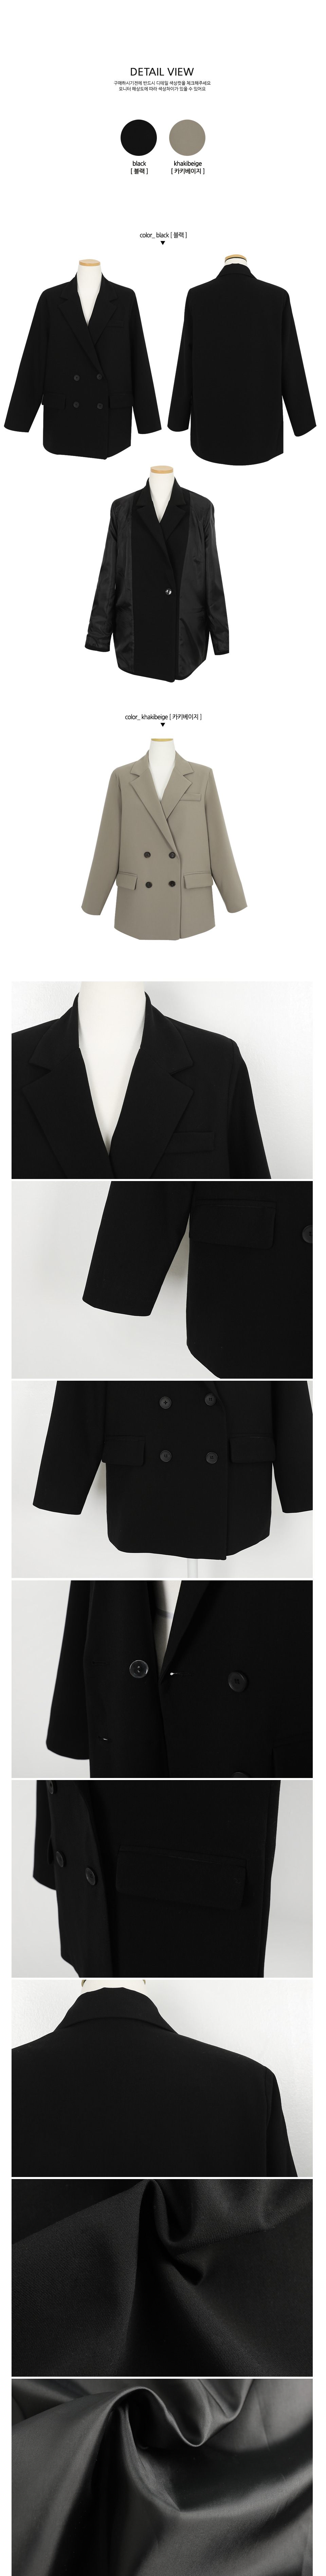 翻蓋口袋雙排釦墊肩西裝外套